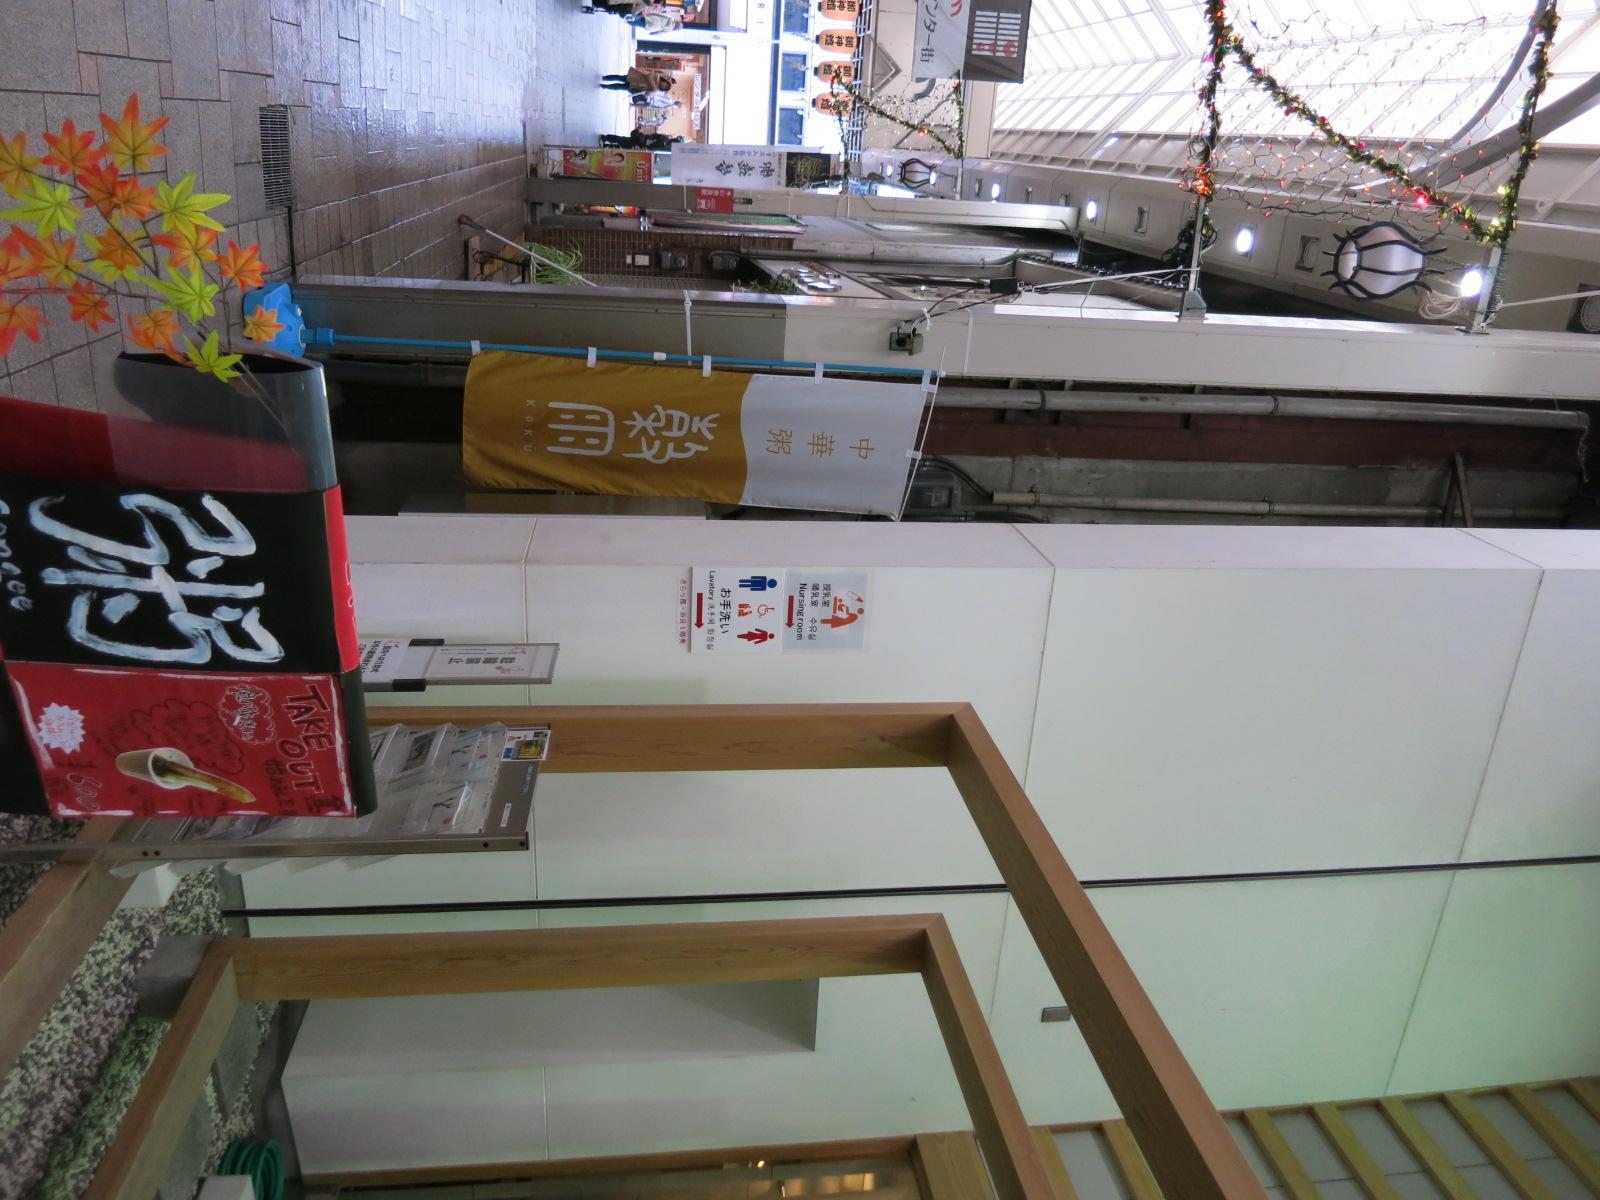 起業家支援施設 きらっ都・奈良には、公衆トイレもあって、助かります。